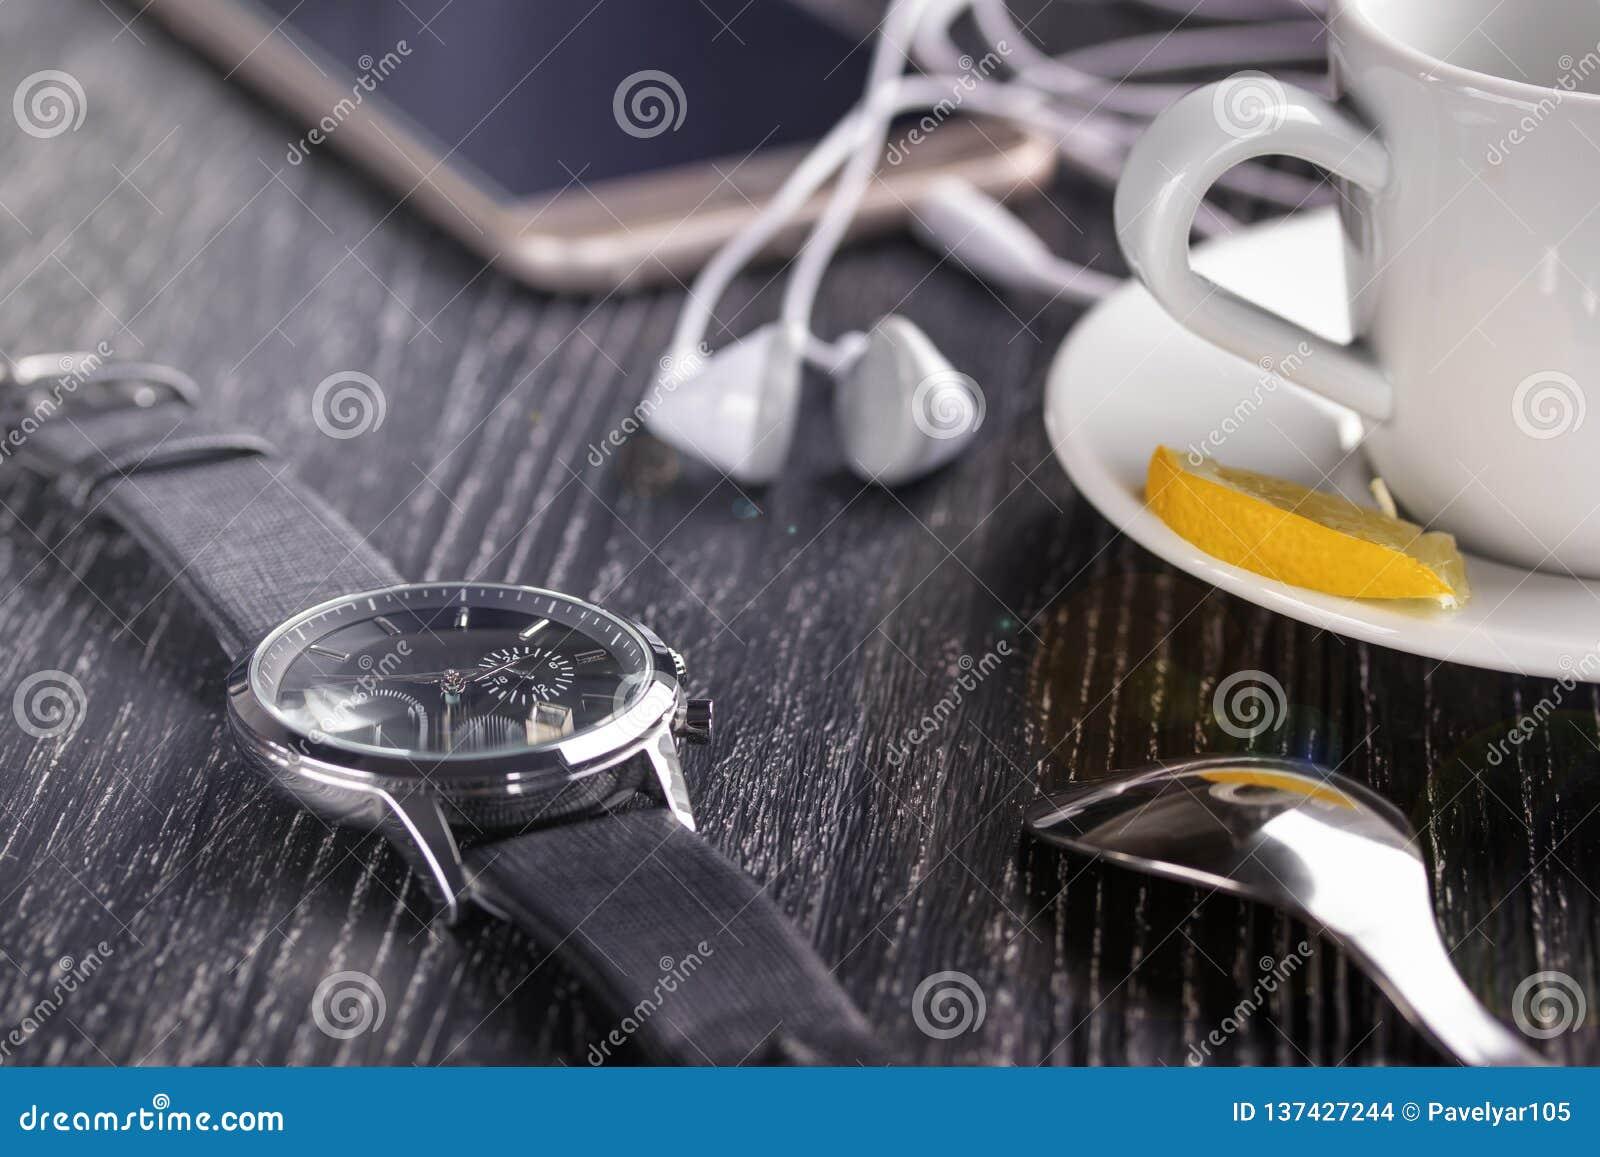 Armbanduhr und Handy mit Kopfhörern und einem Tasse Kaffee auf einem dunklen Holztisch